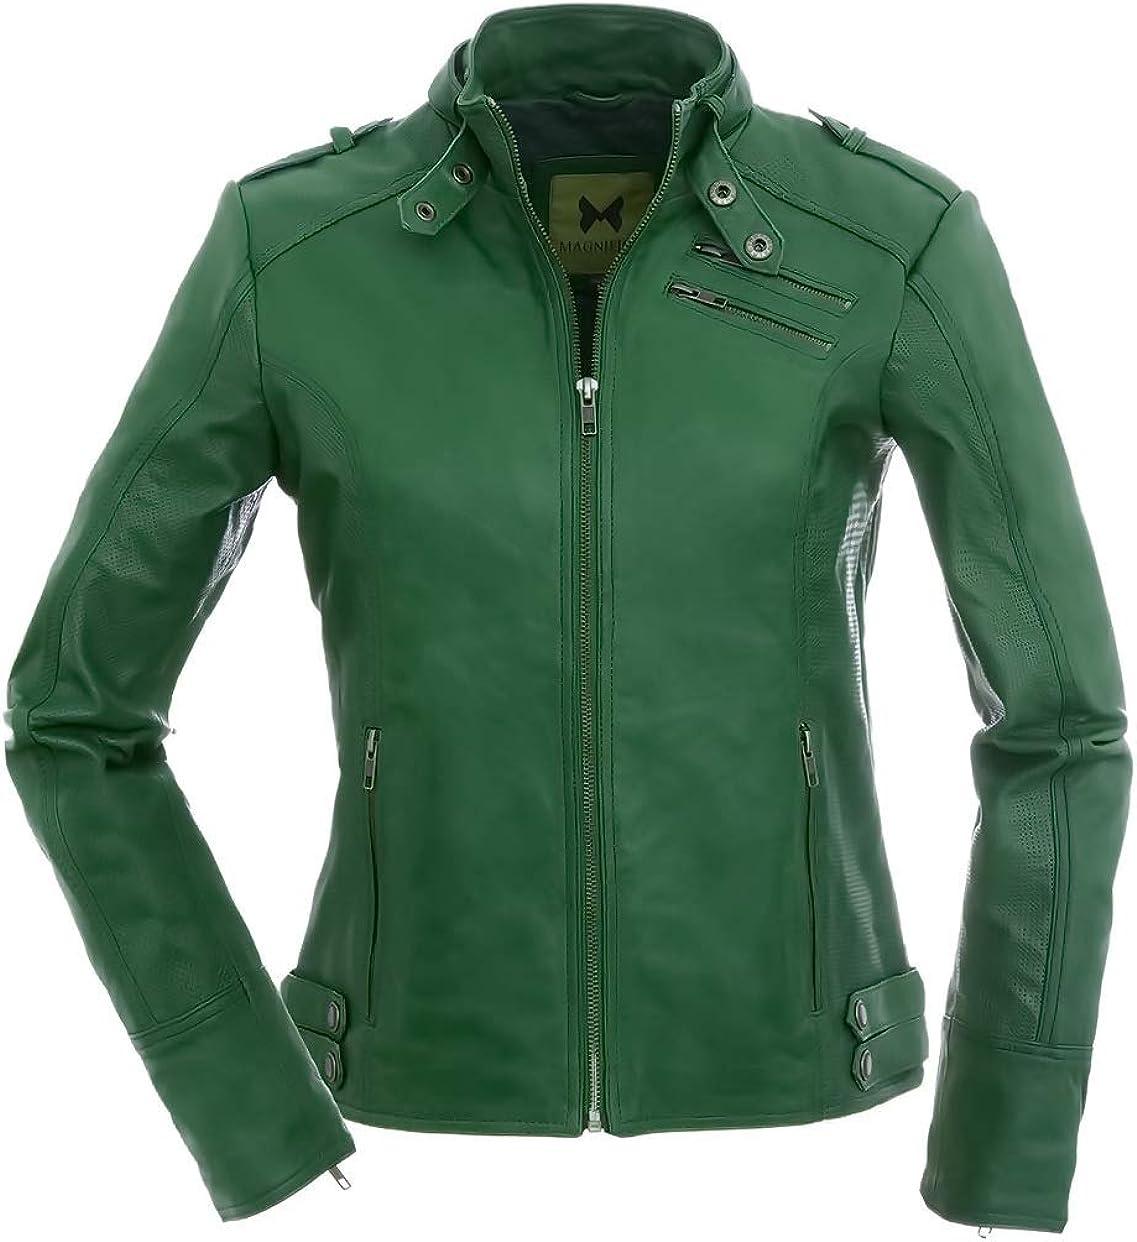 Magnifica Las Mujeres Deportivas-Chaqueta Piel, Color Verde Oscuro